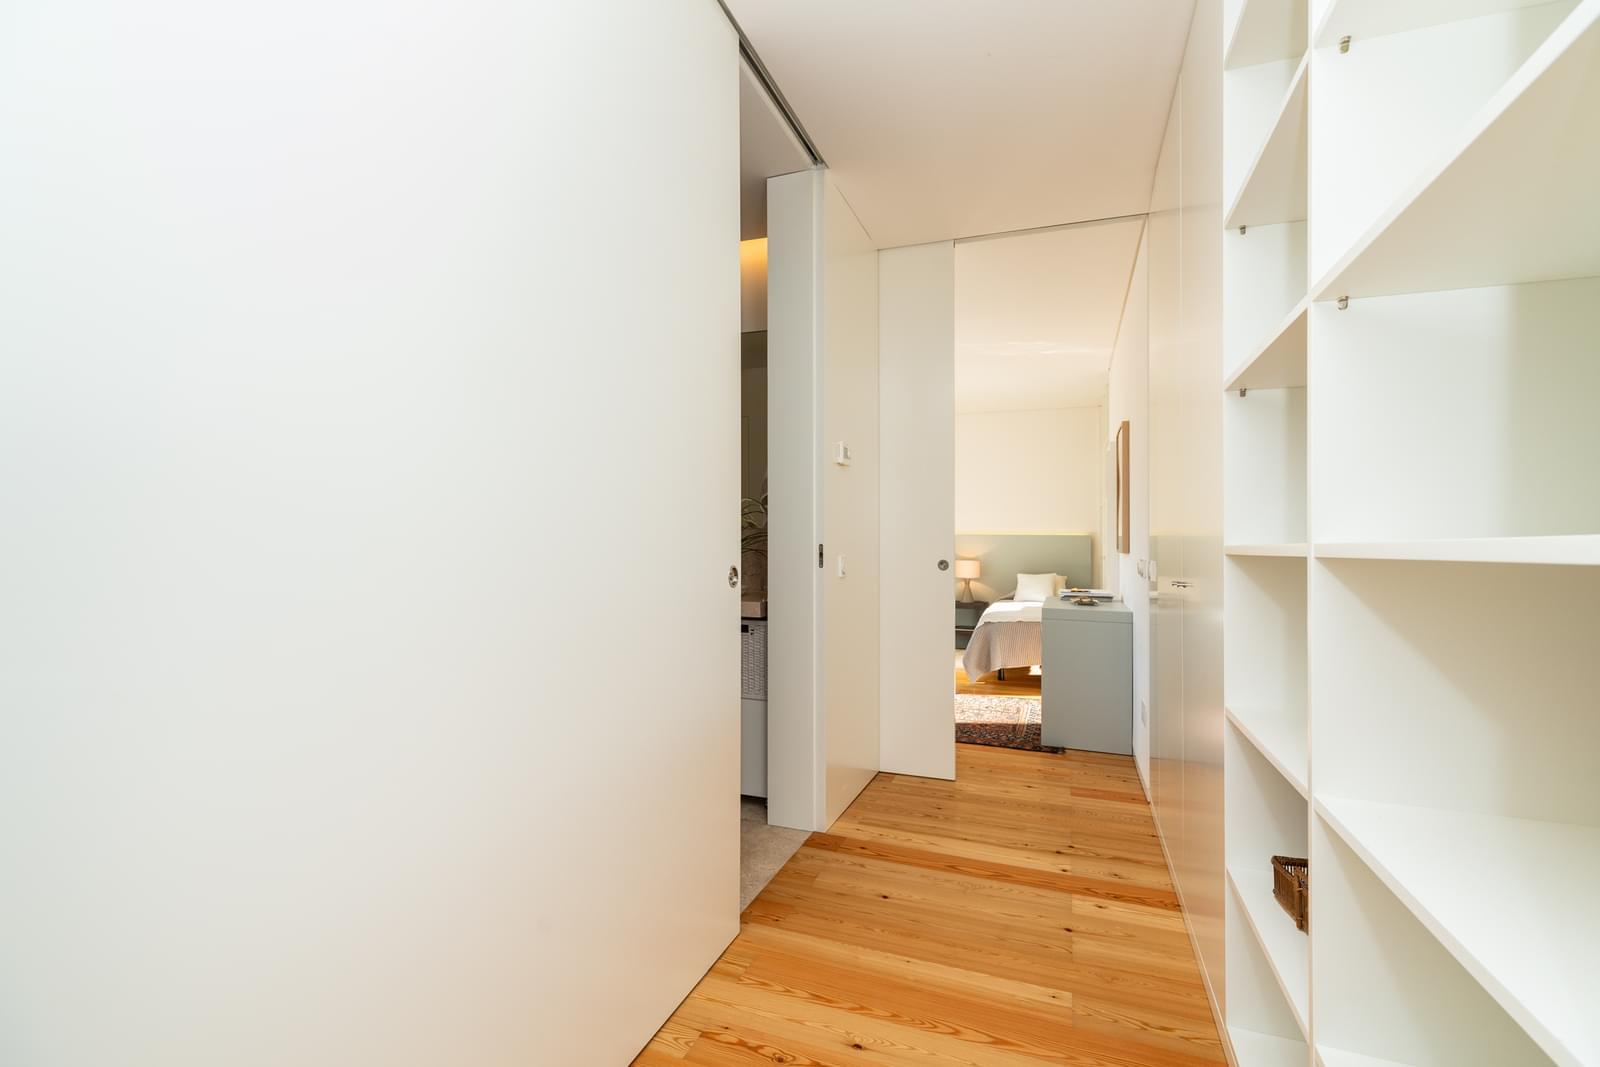 pf19126-apartamento-t2-lisboa-1ed0955b-a5a3-4b90-94ea-61e514200b93